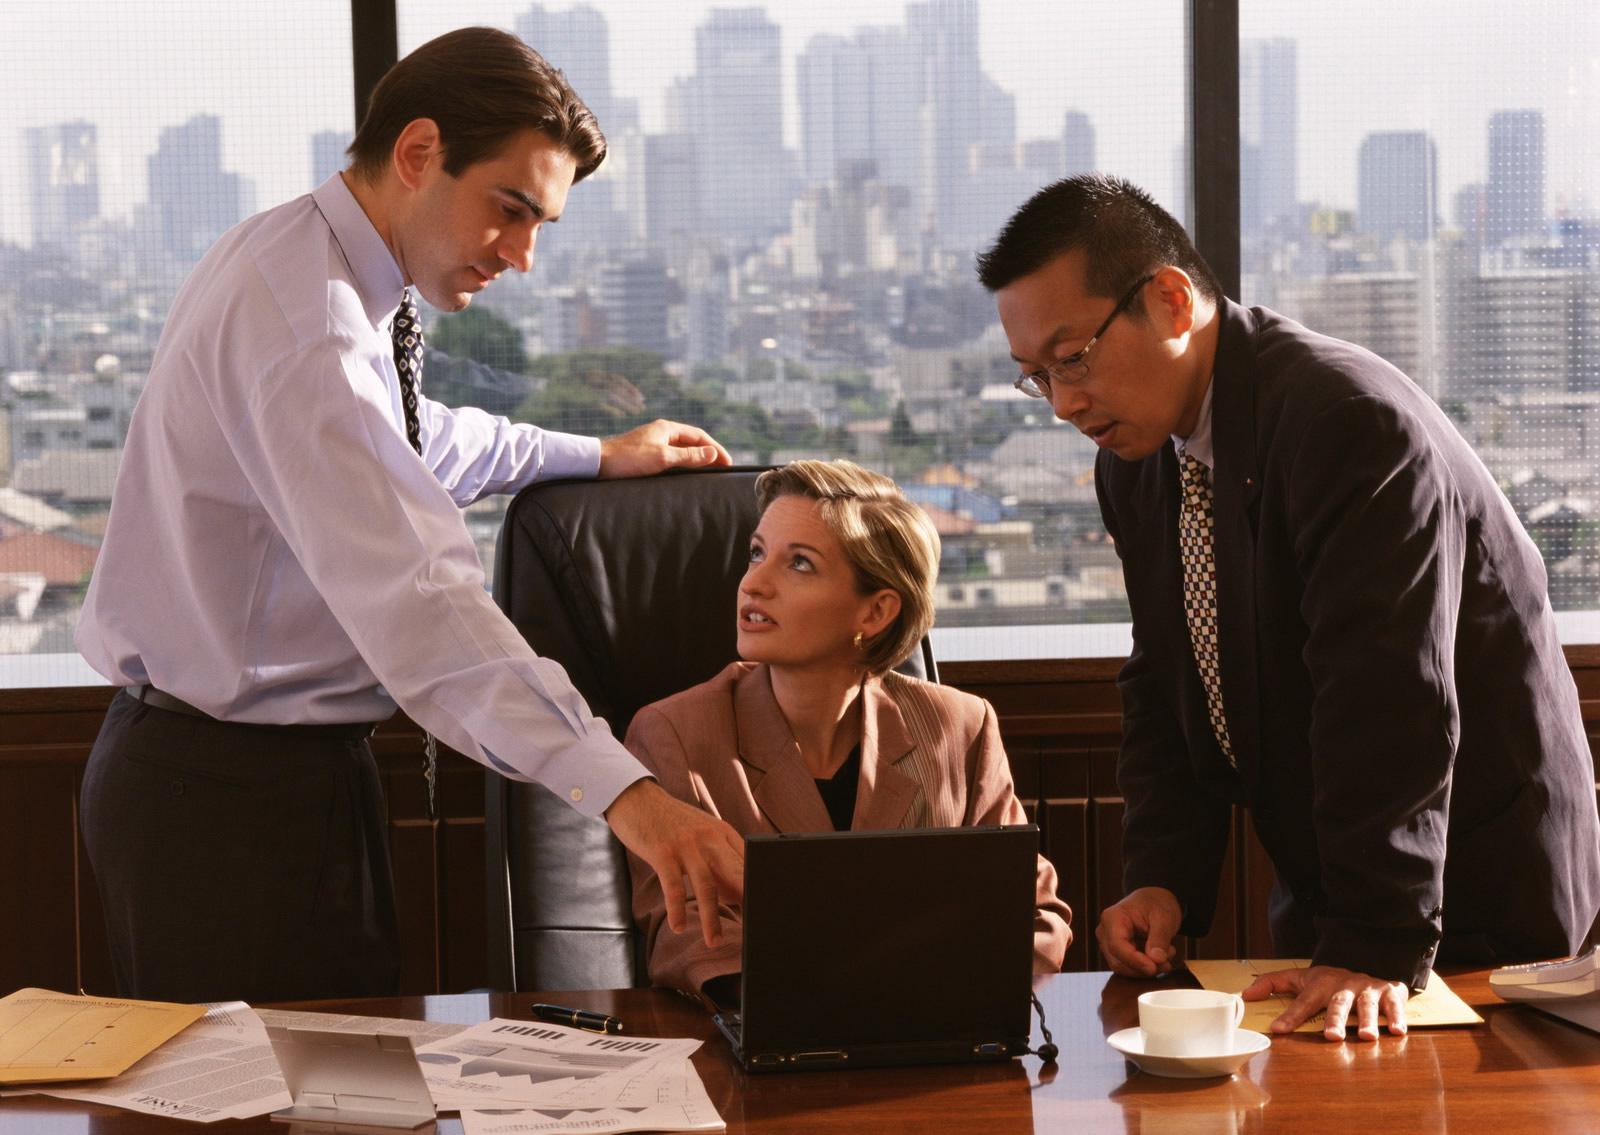 高效沟通培训课程